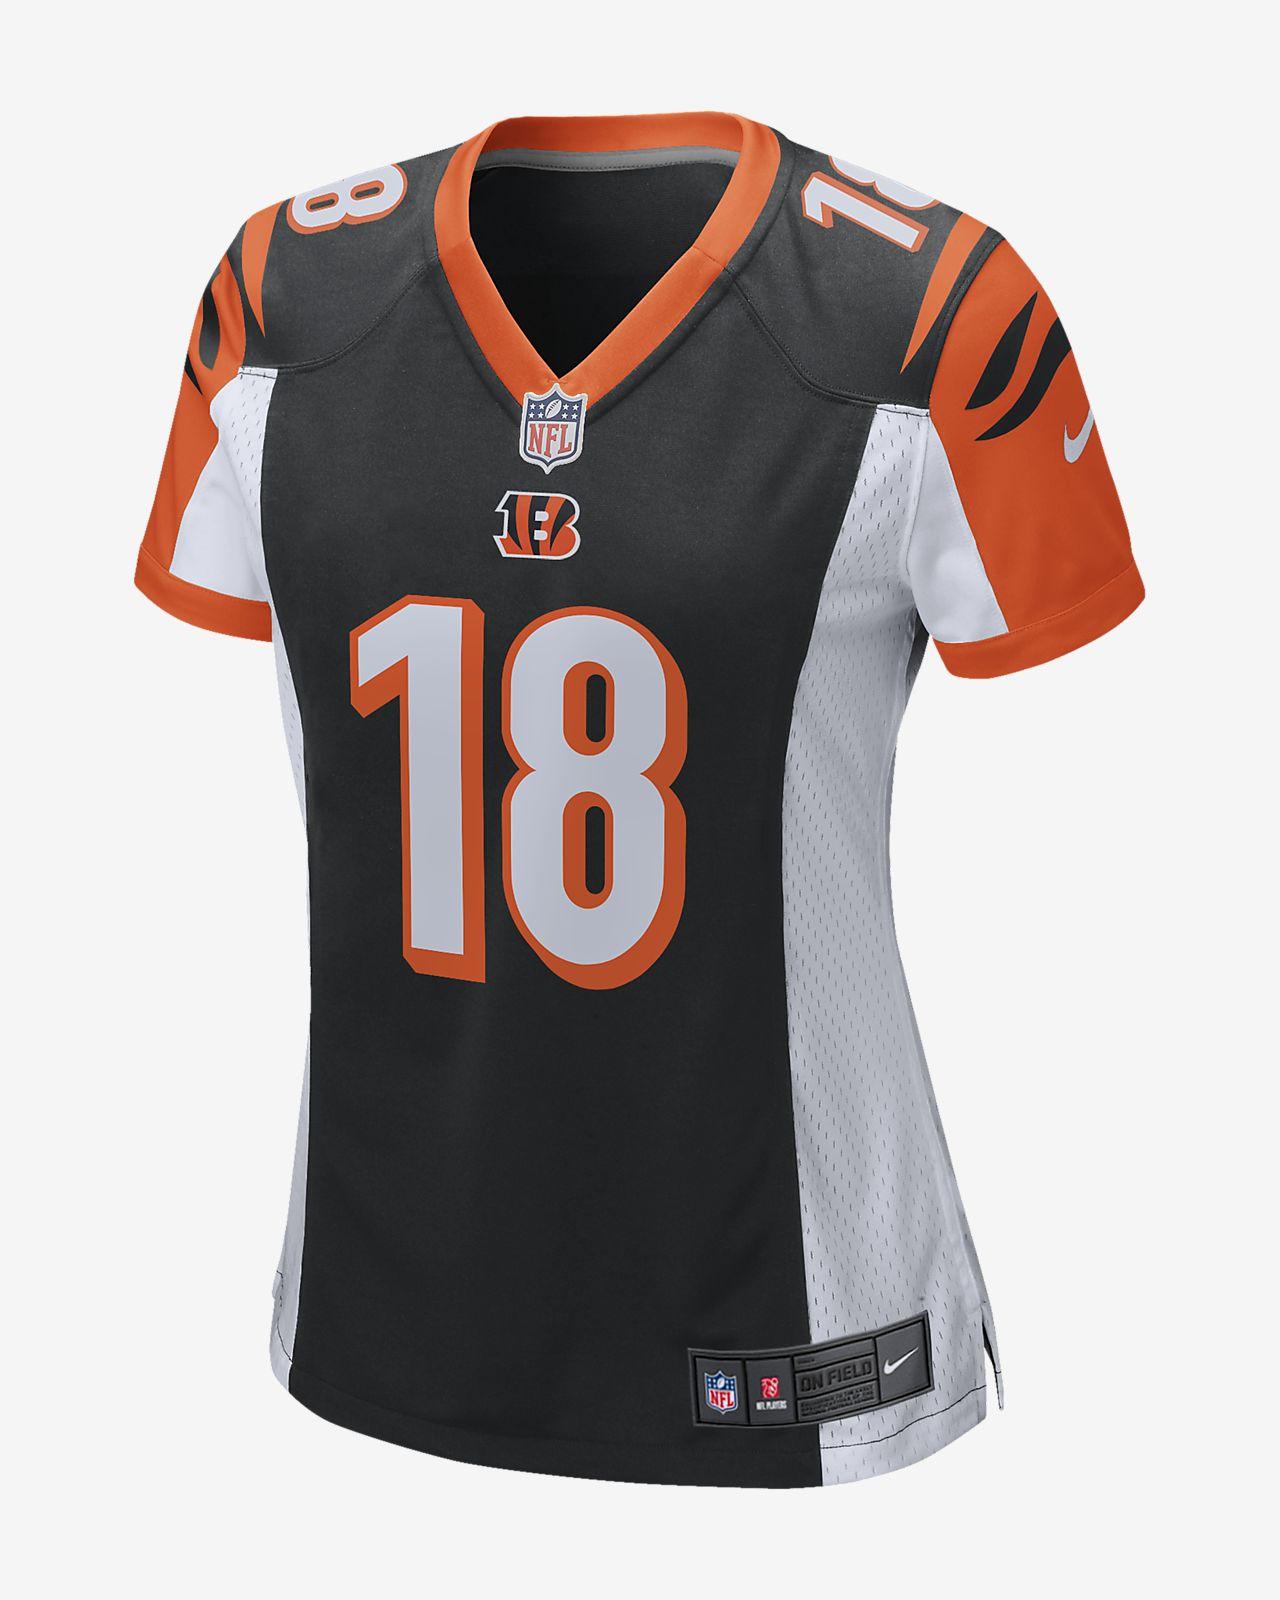 62fe6ec62c9 ... NFL Cincinnati Bengals Game Jersey (AJ Green) Women's Football Jersey